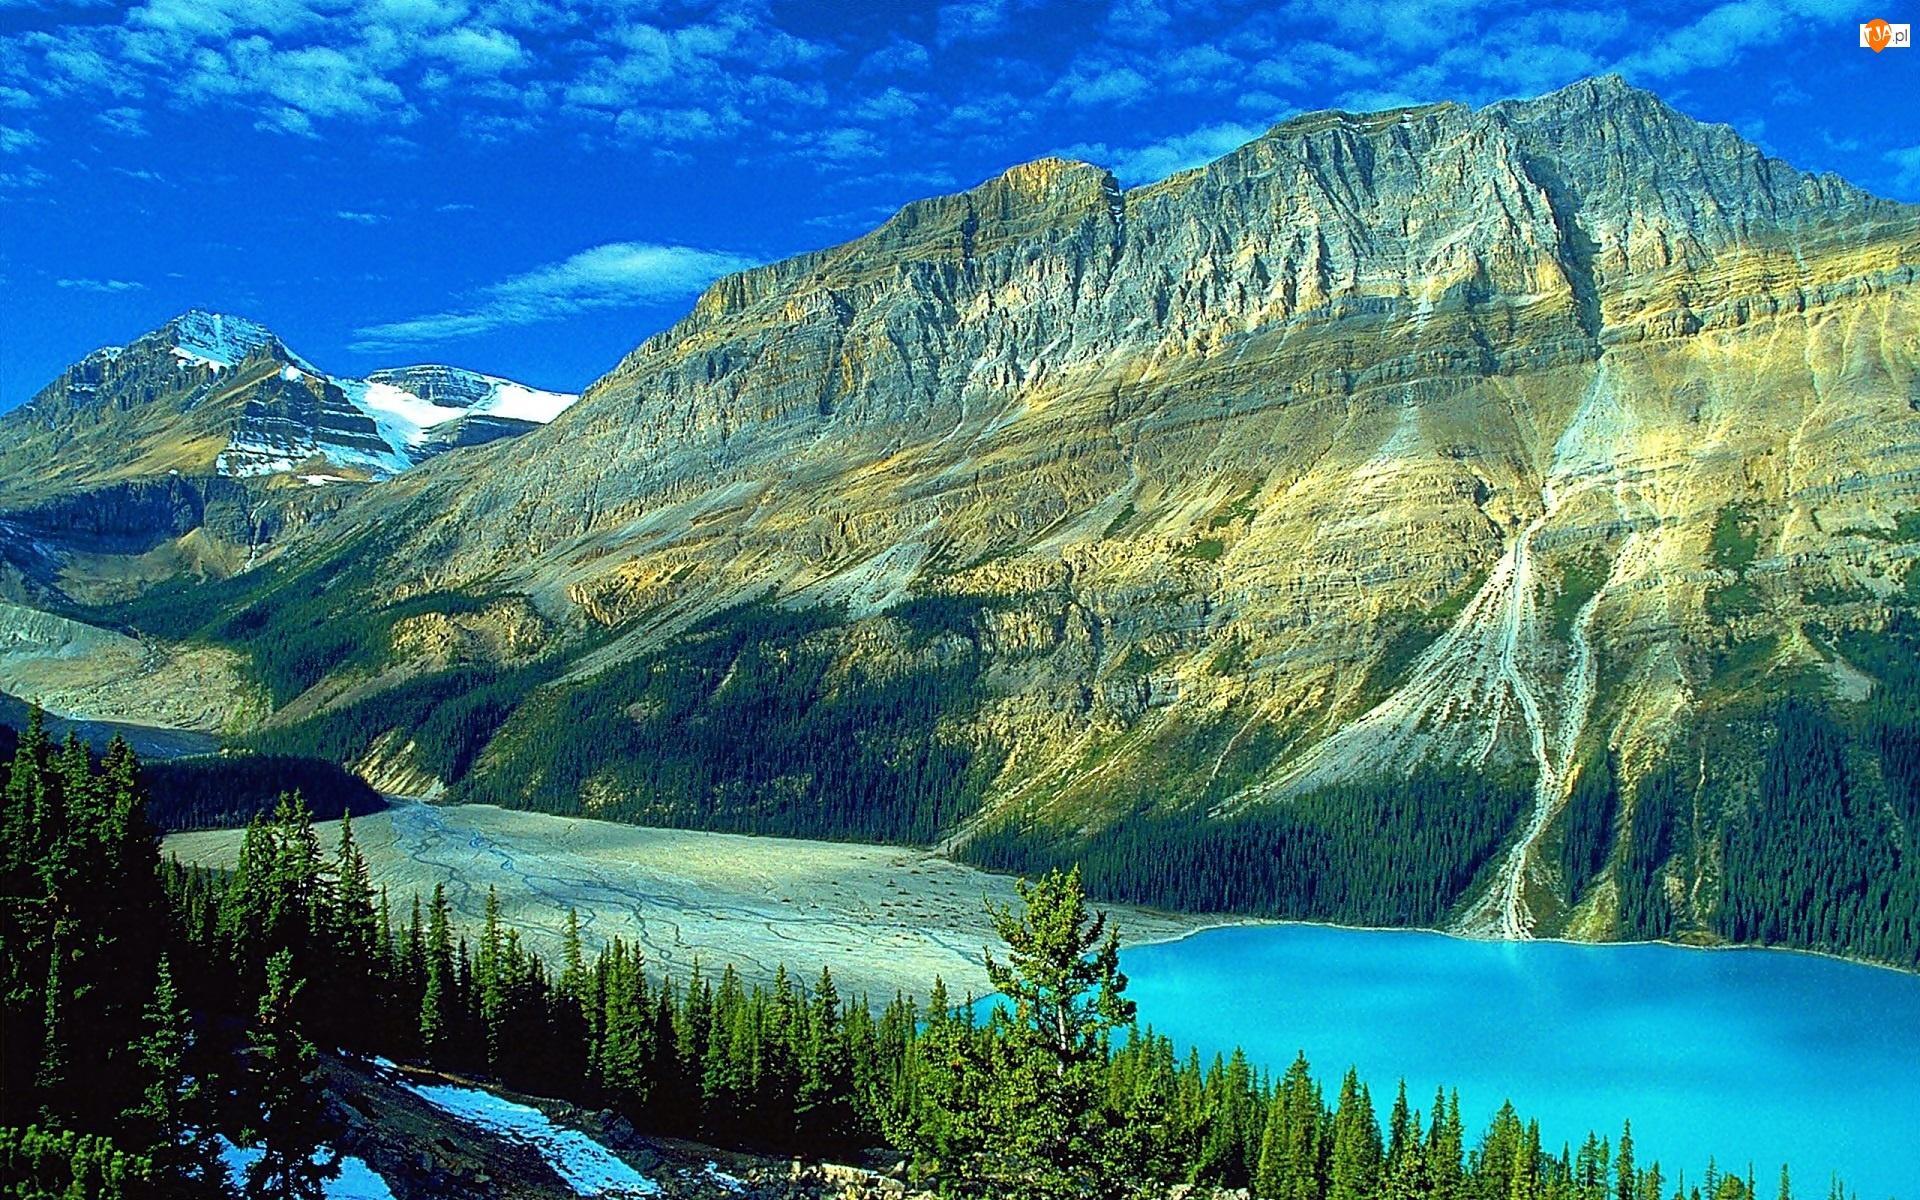 Lato, Lasy, Kanada, Jezioro Peyto Lake, Park Narodowy Banff, Góry